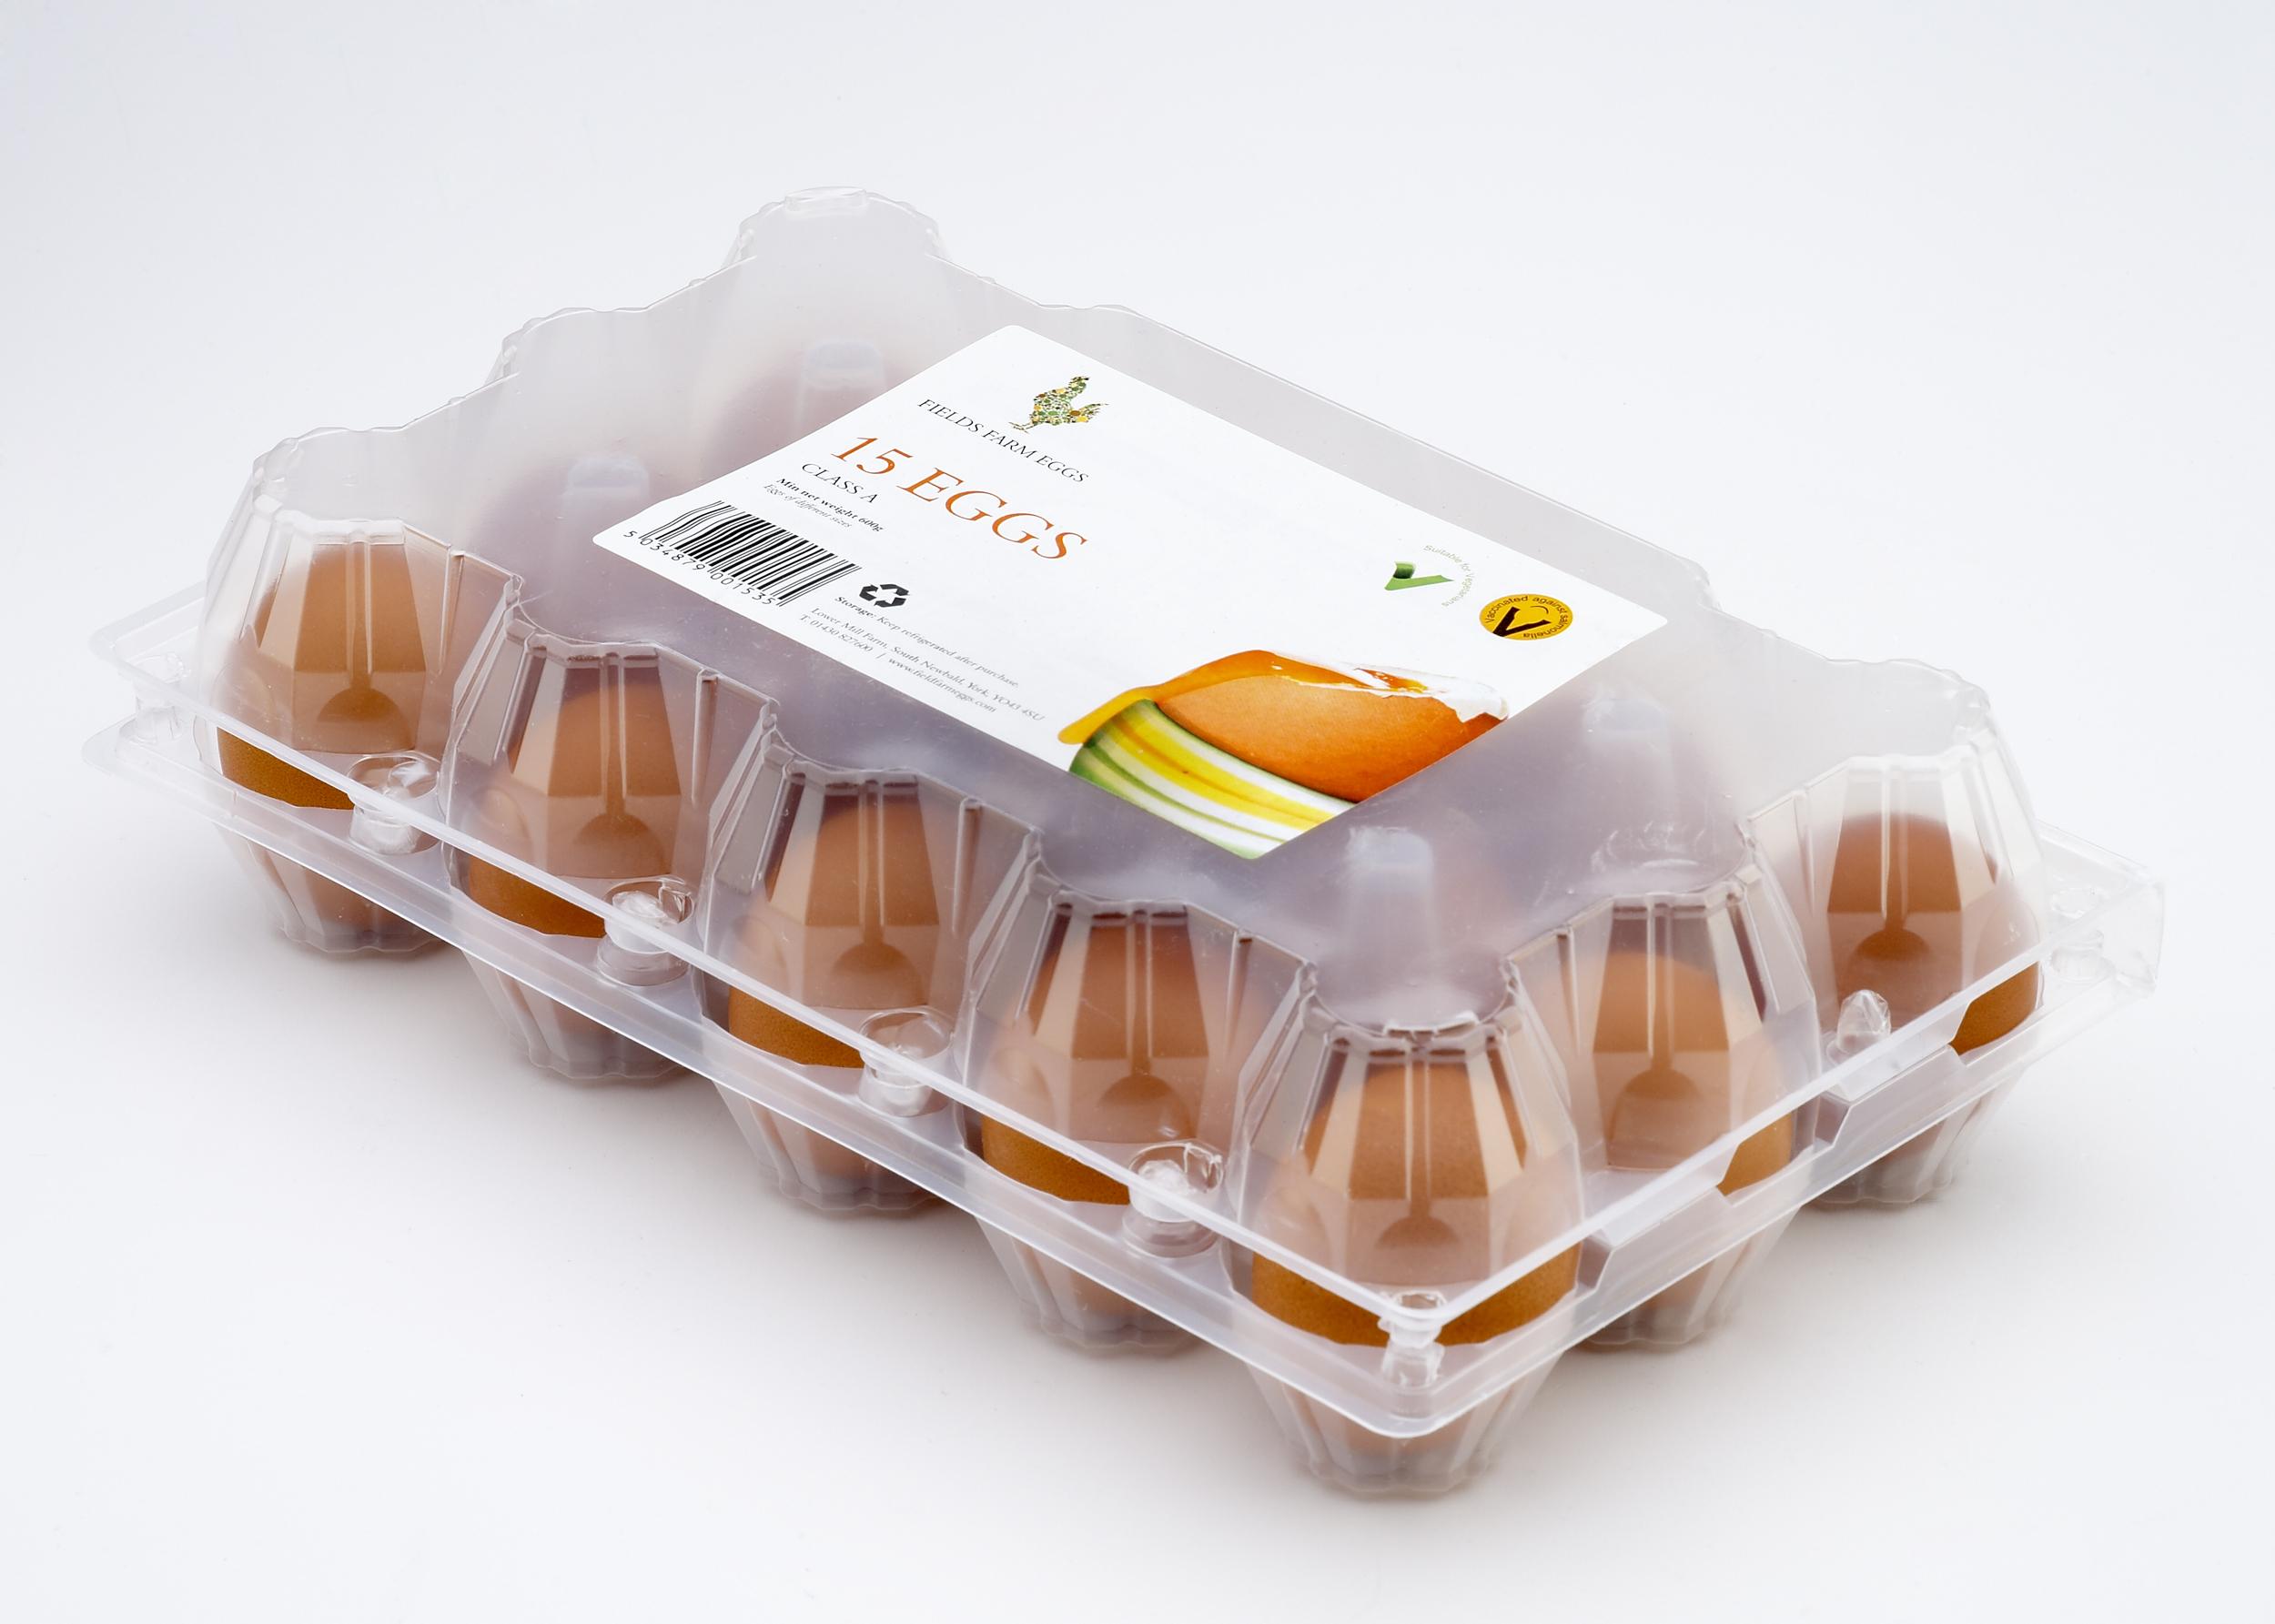 x15 Mixed Colony Eggs